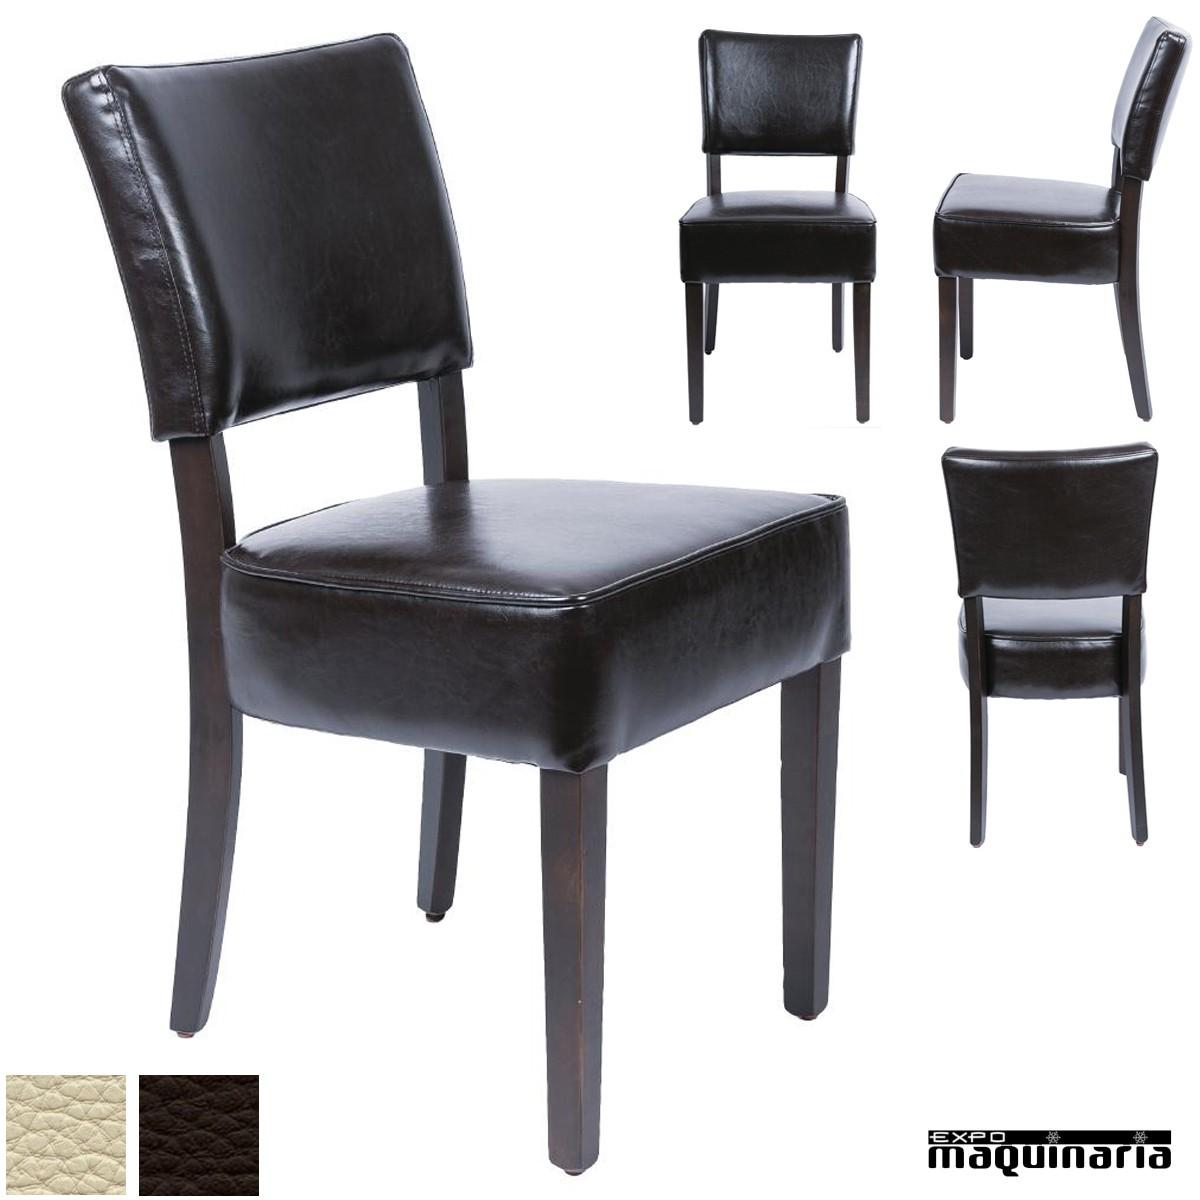 Sillas comedor tapizadas NIGF957 sillas de comedor en madera de abedul